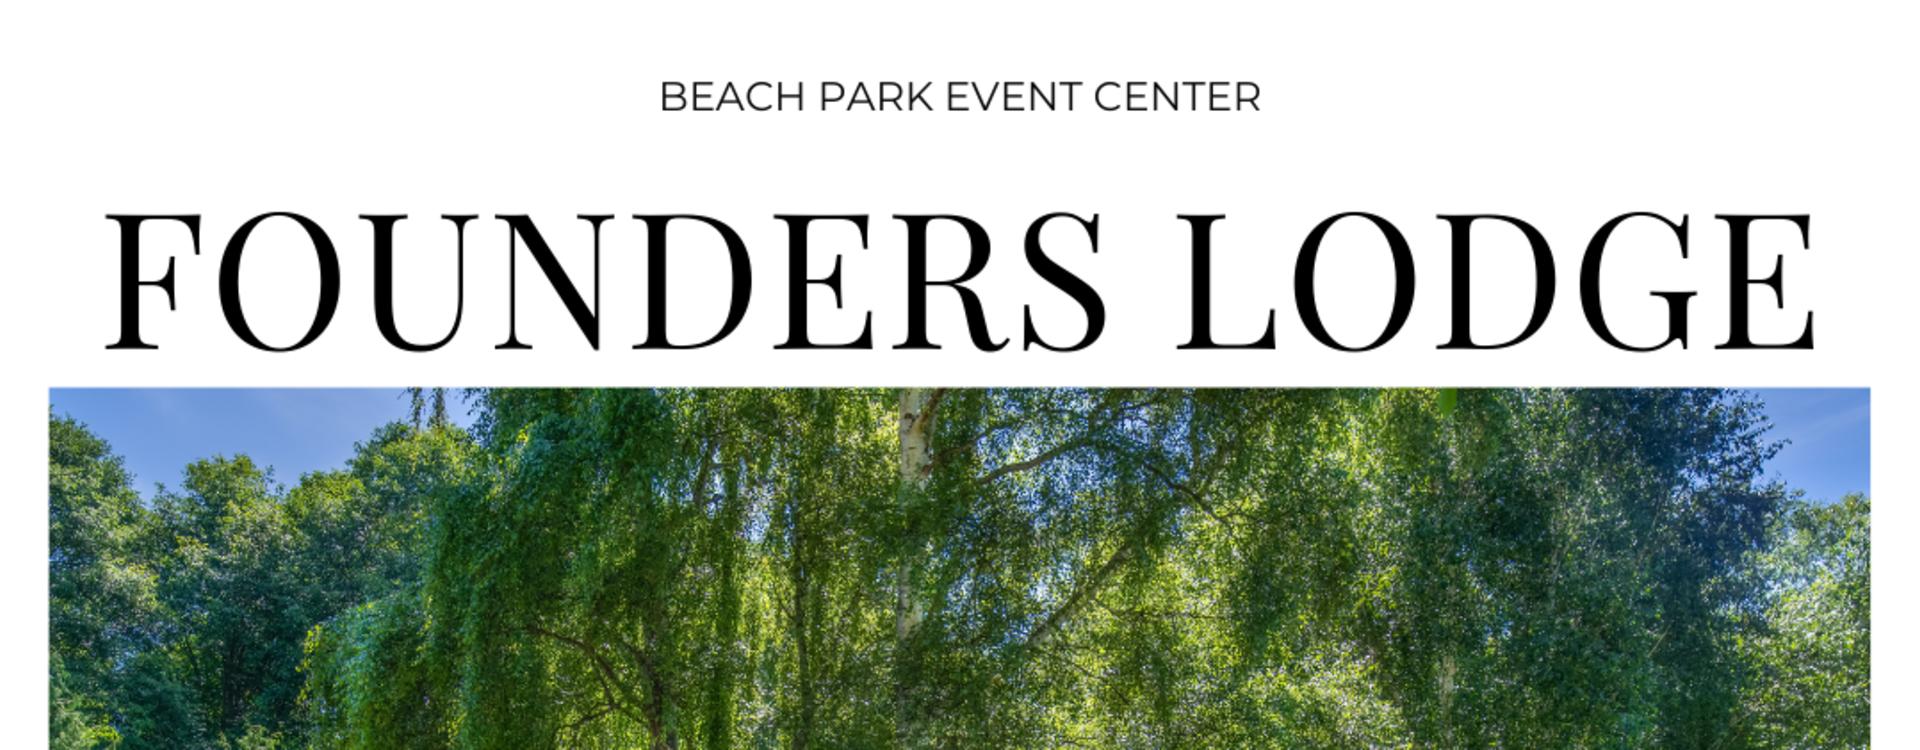 Des Moines Beach Park Founders Lodge